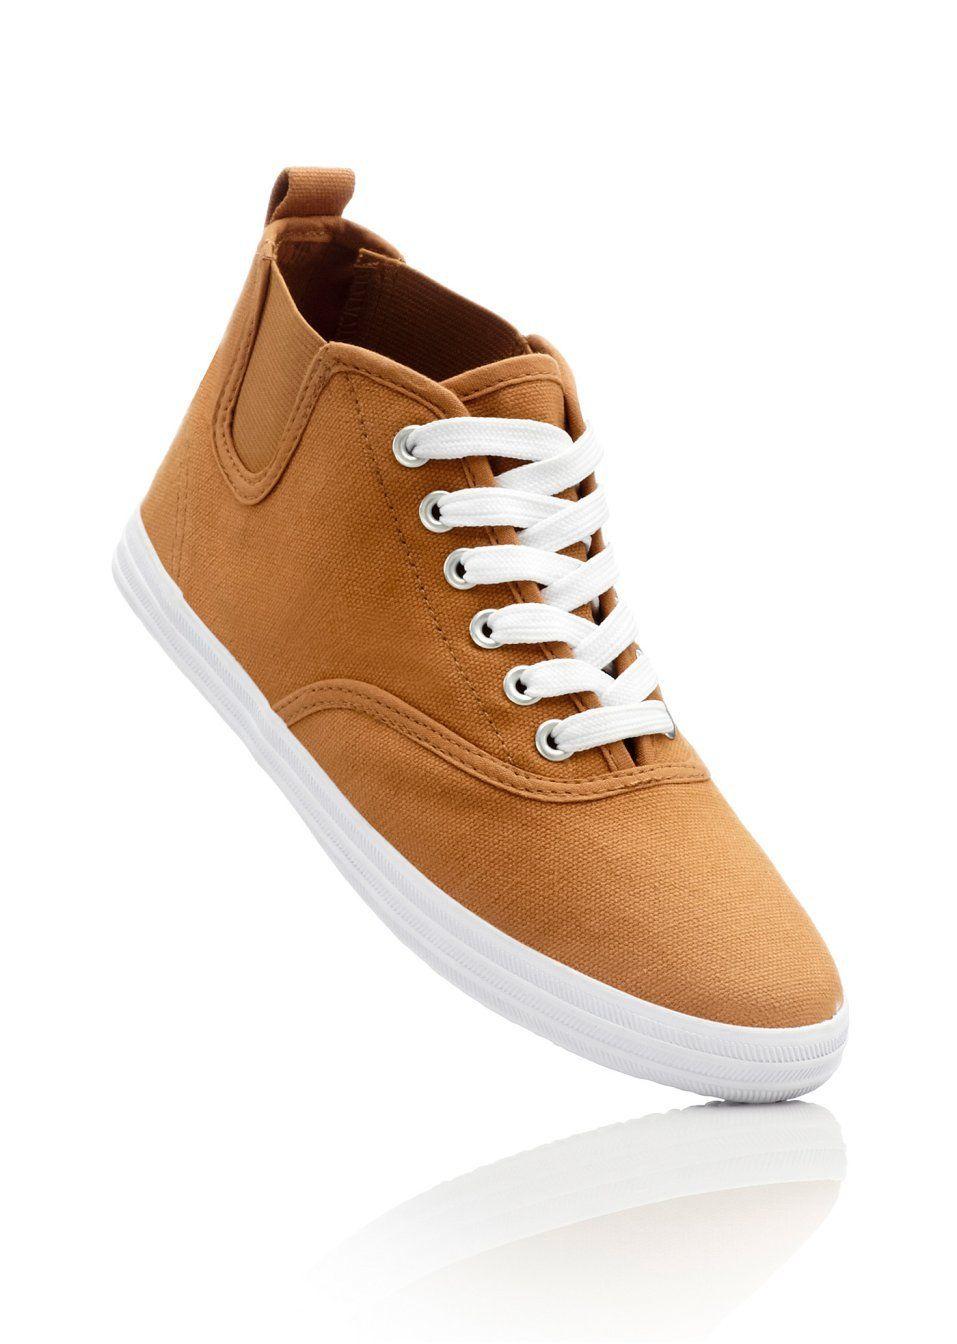 Trampki Trampki W Wyjatkowej Cenie 32 99 Zl Bon Prix High Top Sneakers Shoes Fashion